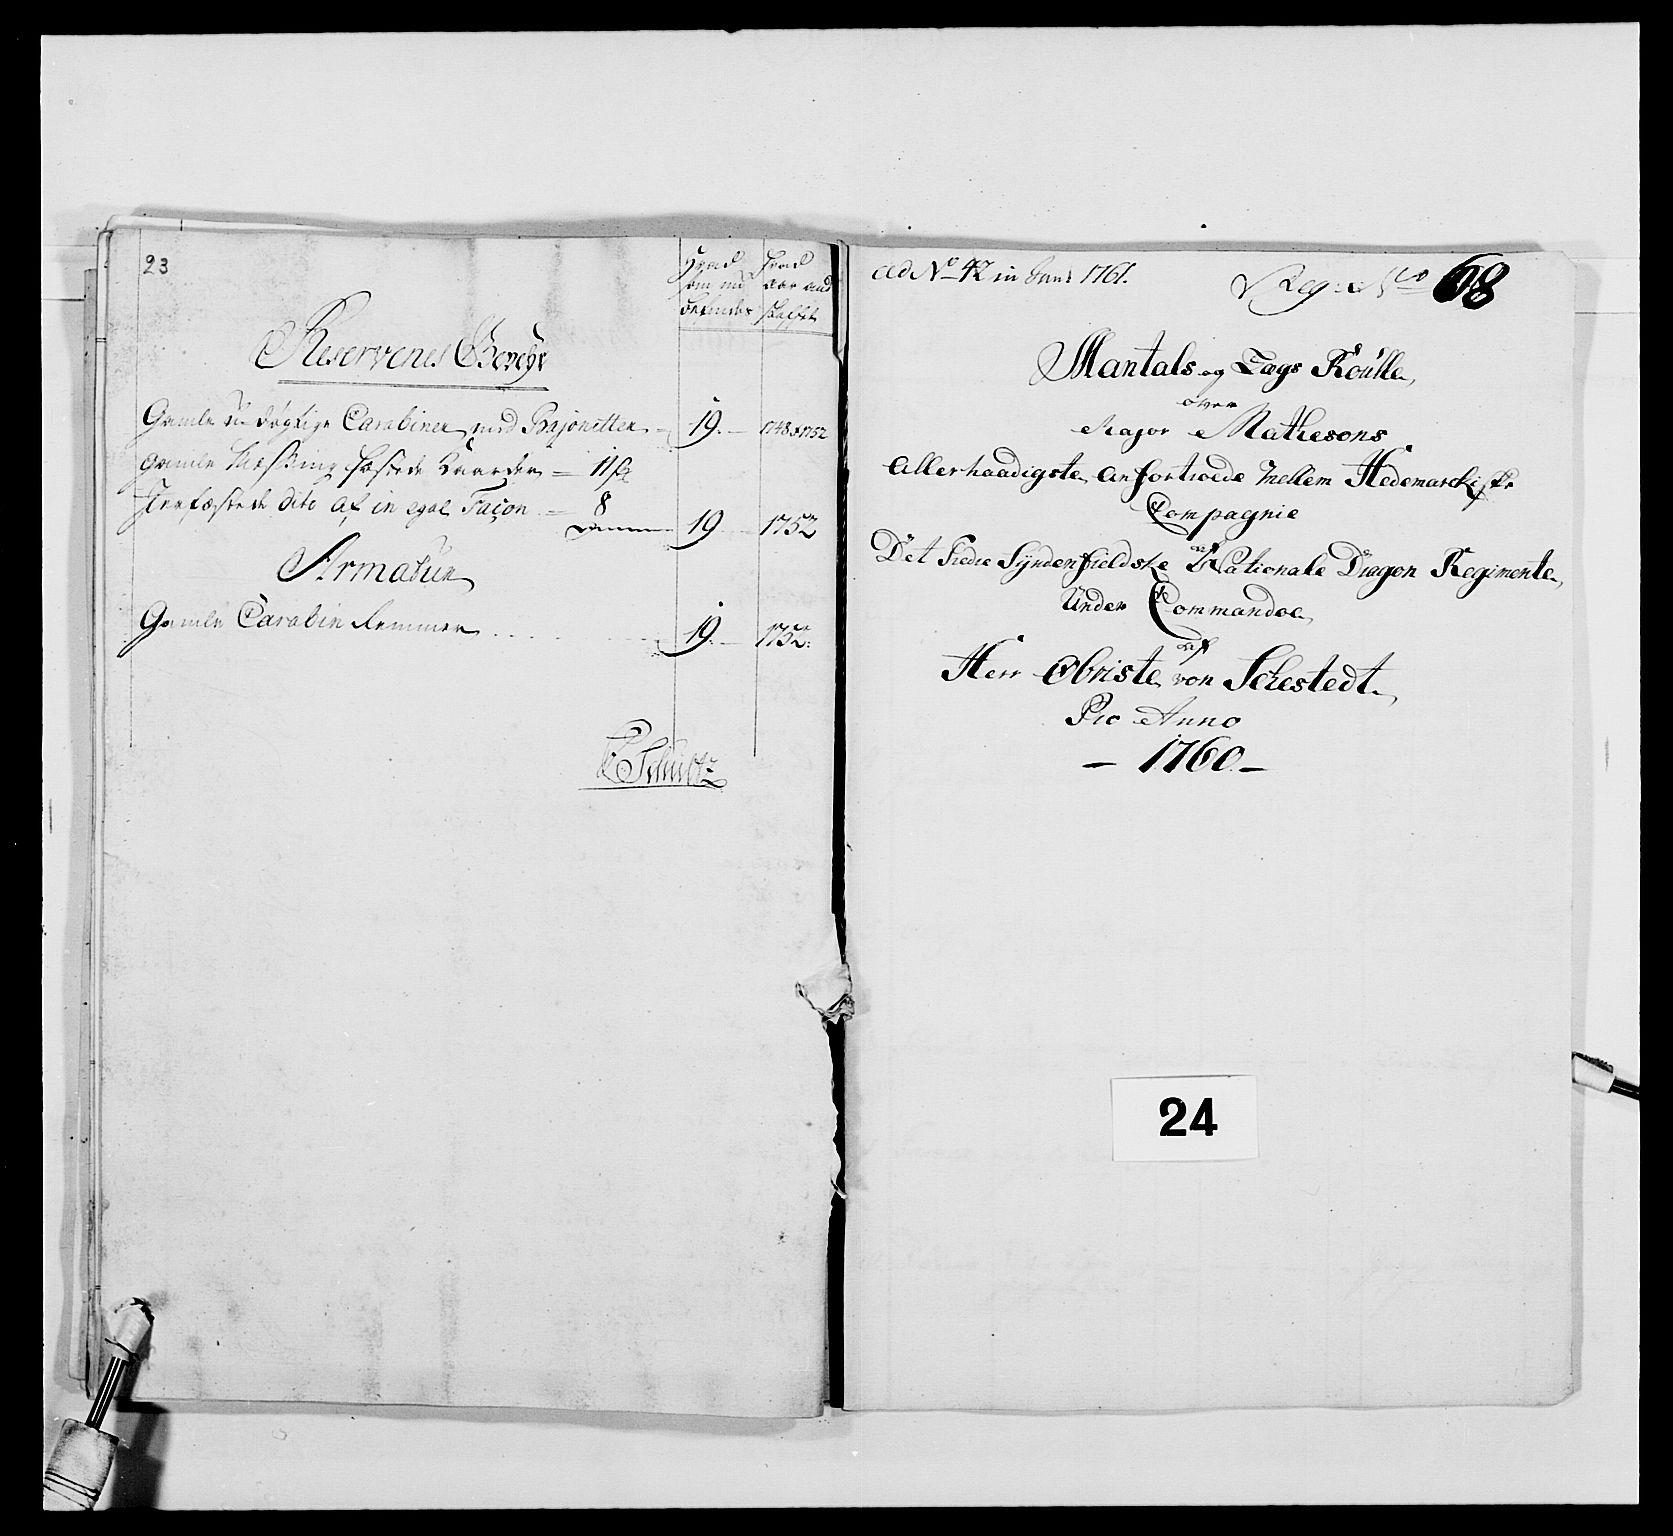 RA, Kommanderende general (KG I) med Det norske krigsdirektorium, E/Ea/L0479: 3. Sønnafjelske dragonregiment, 1756-1760, s. 439